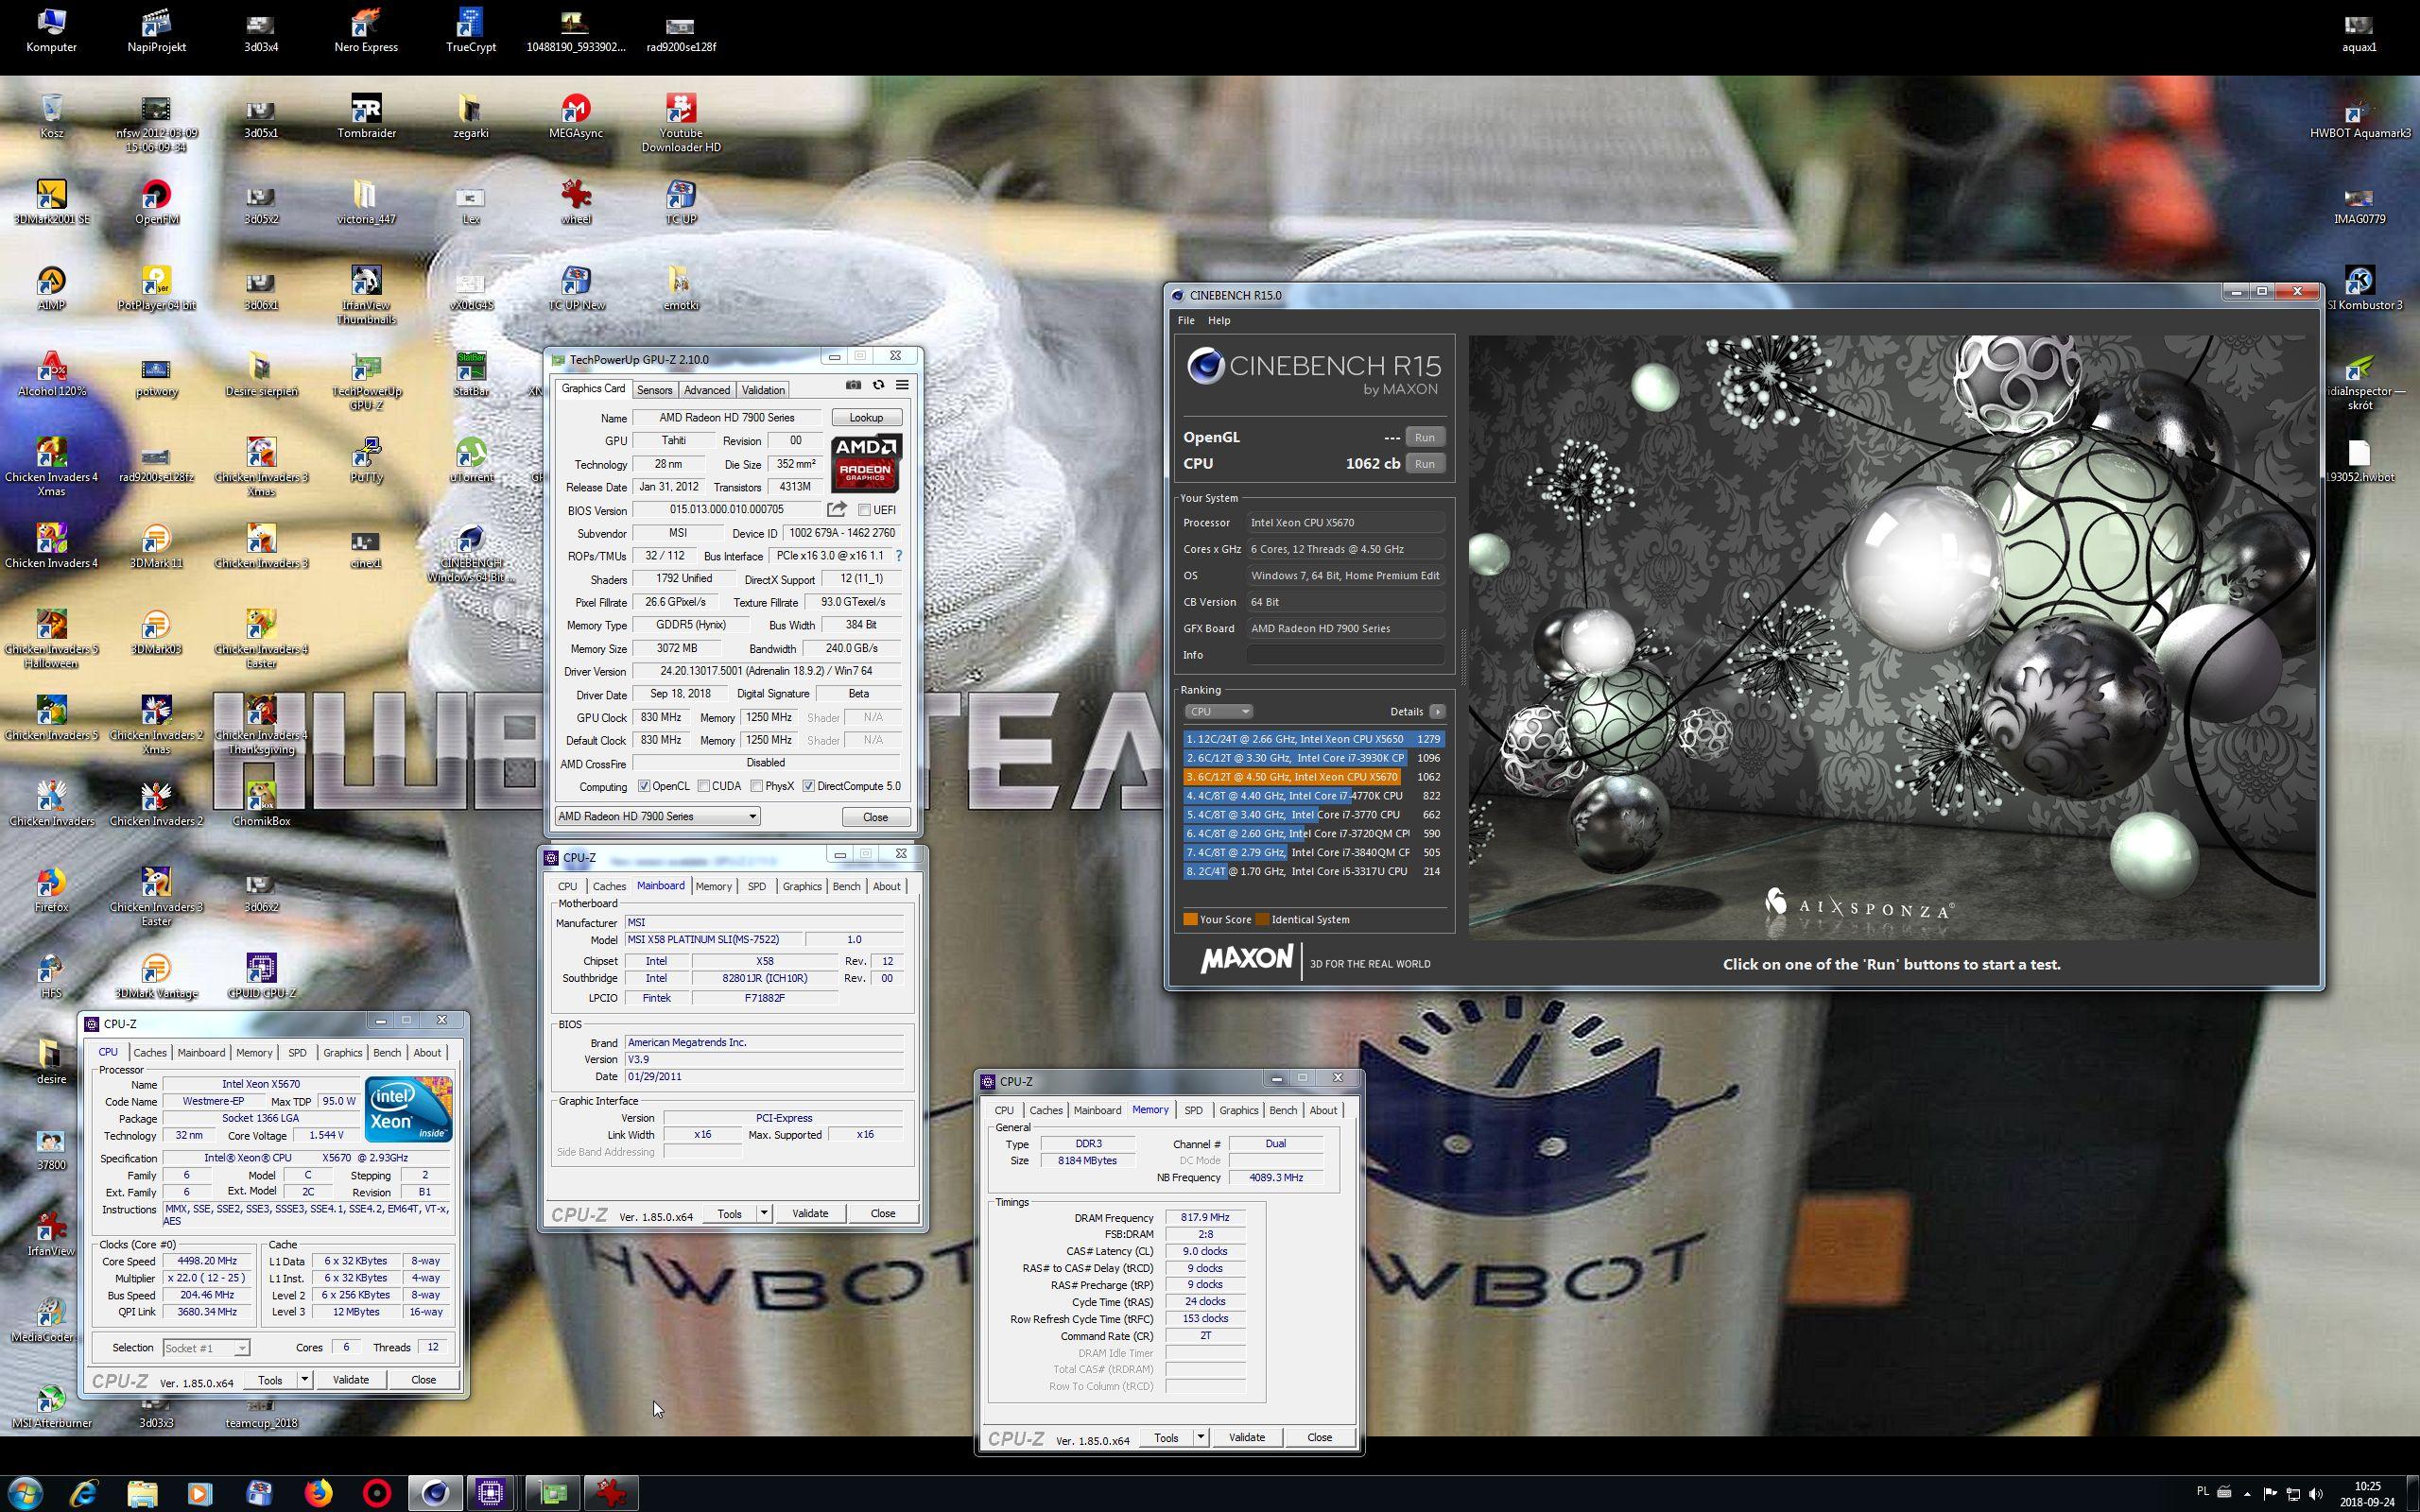 wojtan84`s Cinebench - R15 score: 1062 cb with a Xeon X5670